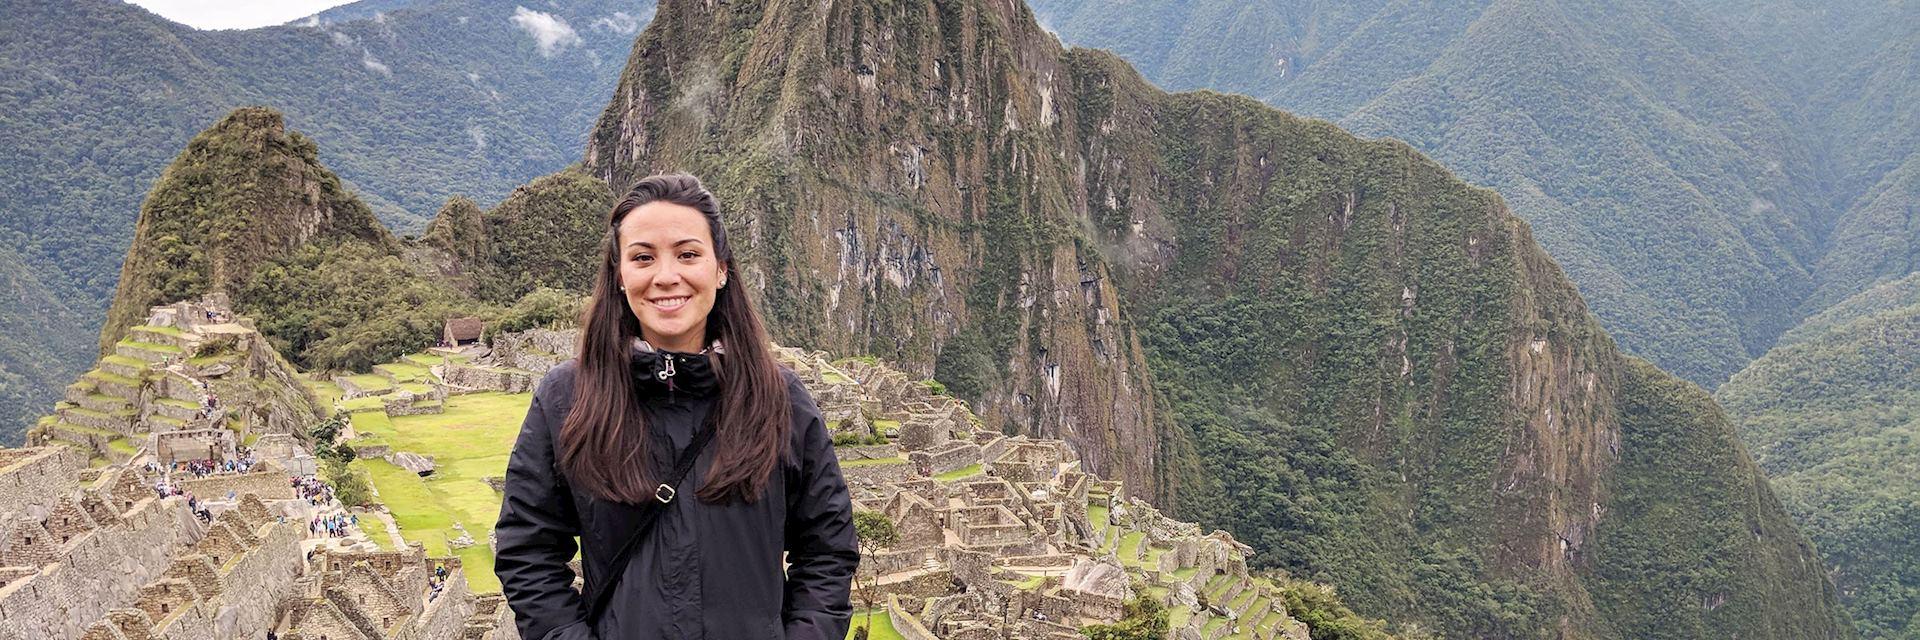 Fathom at Machu Picchu, Peru